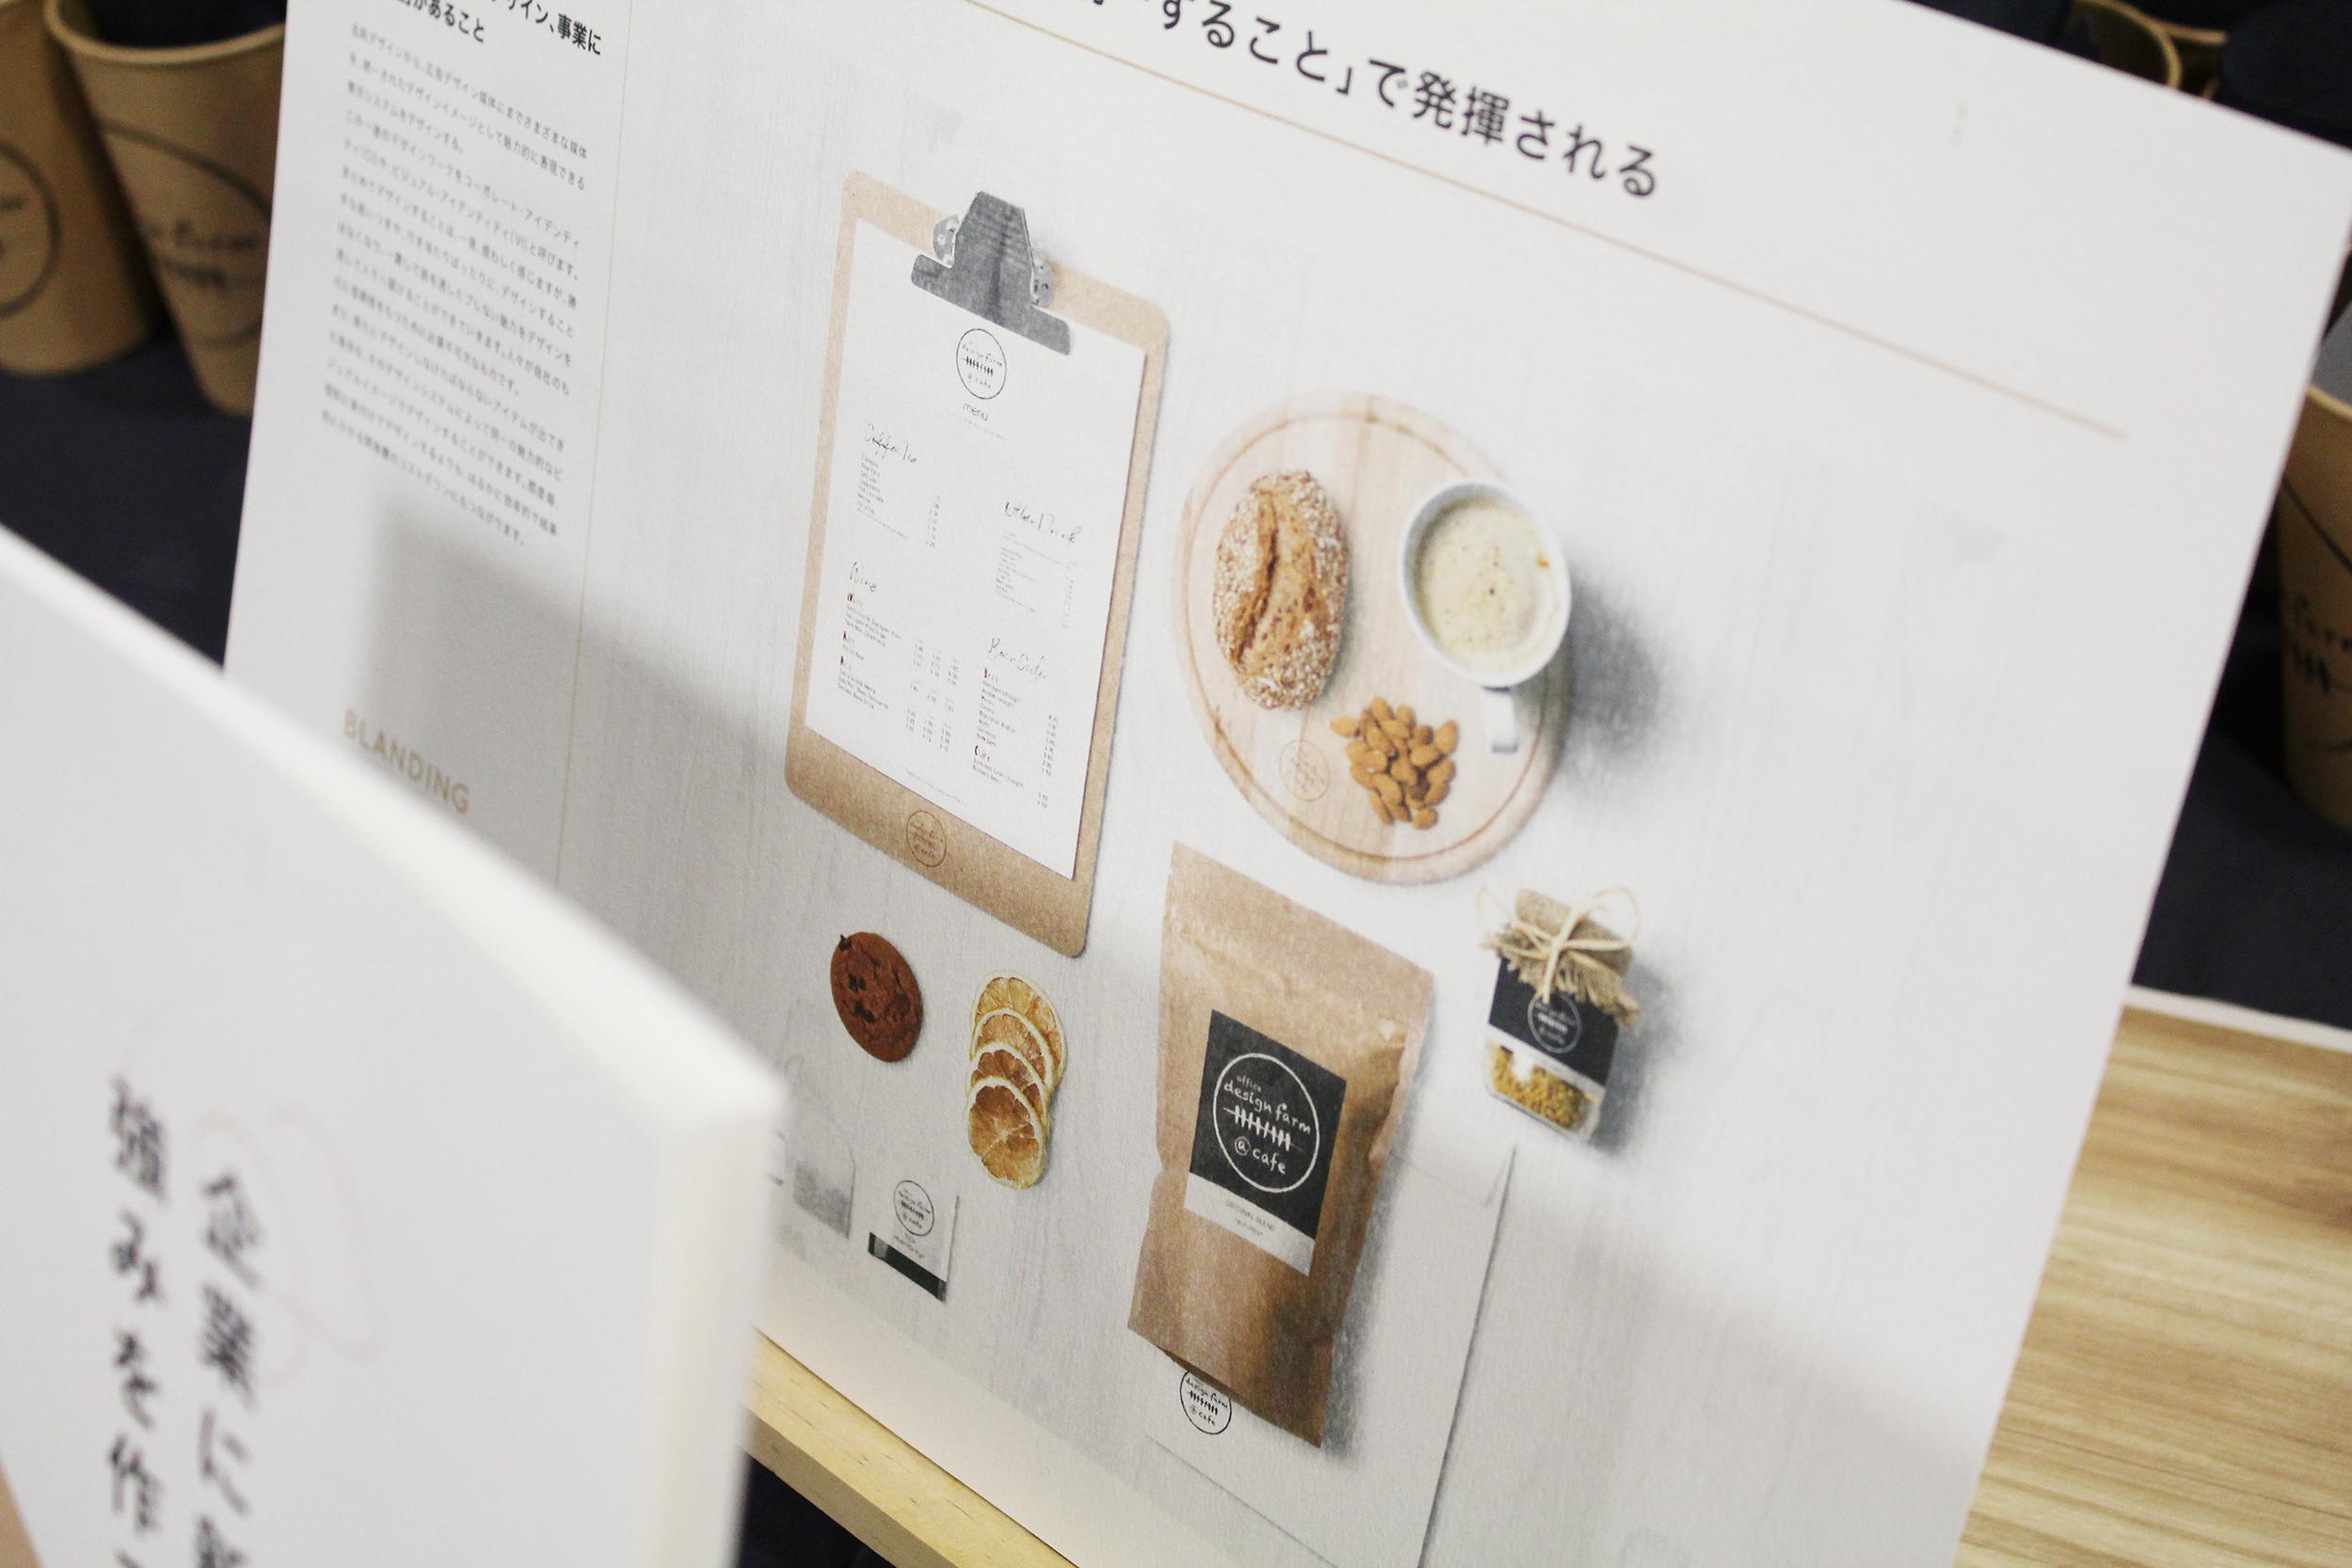 ブランディング デザイン ブックデザインファーム